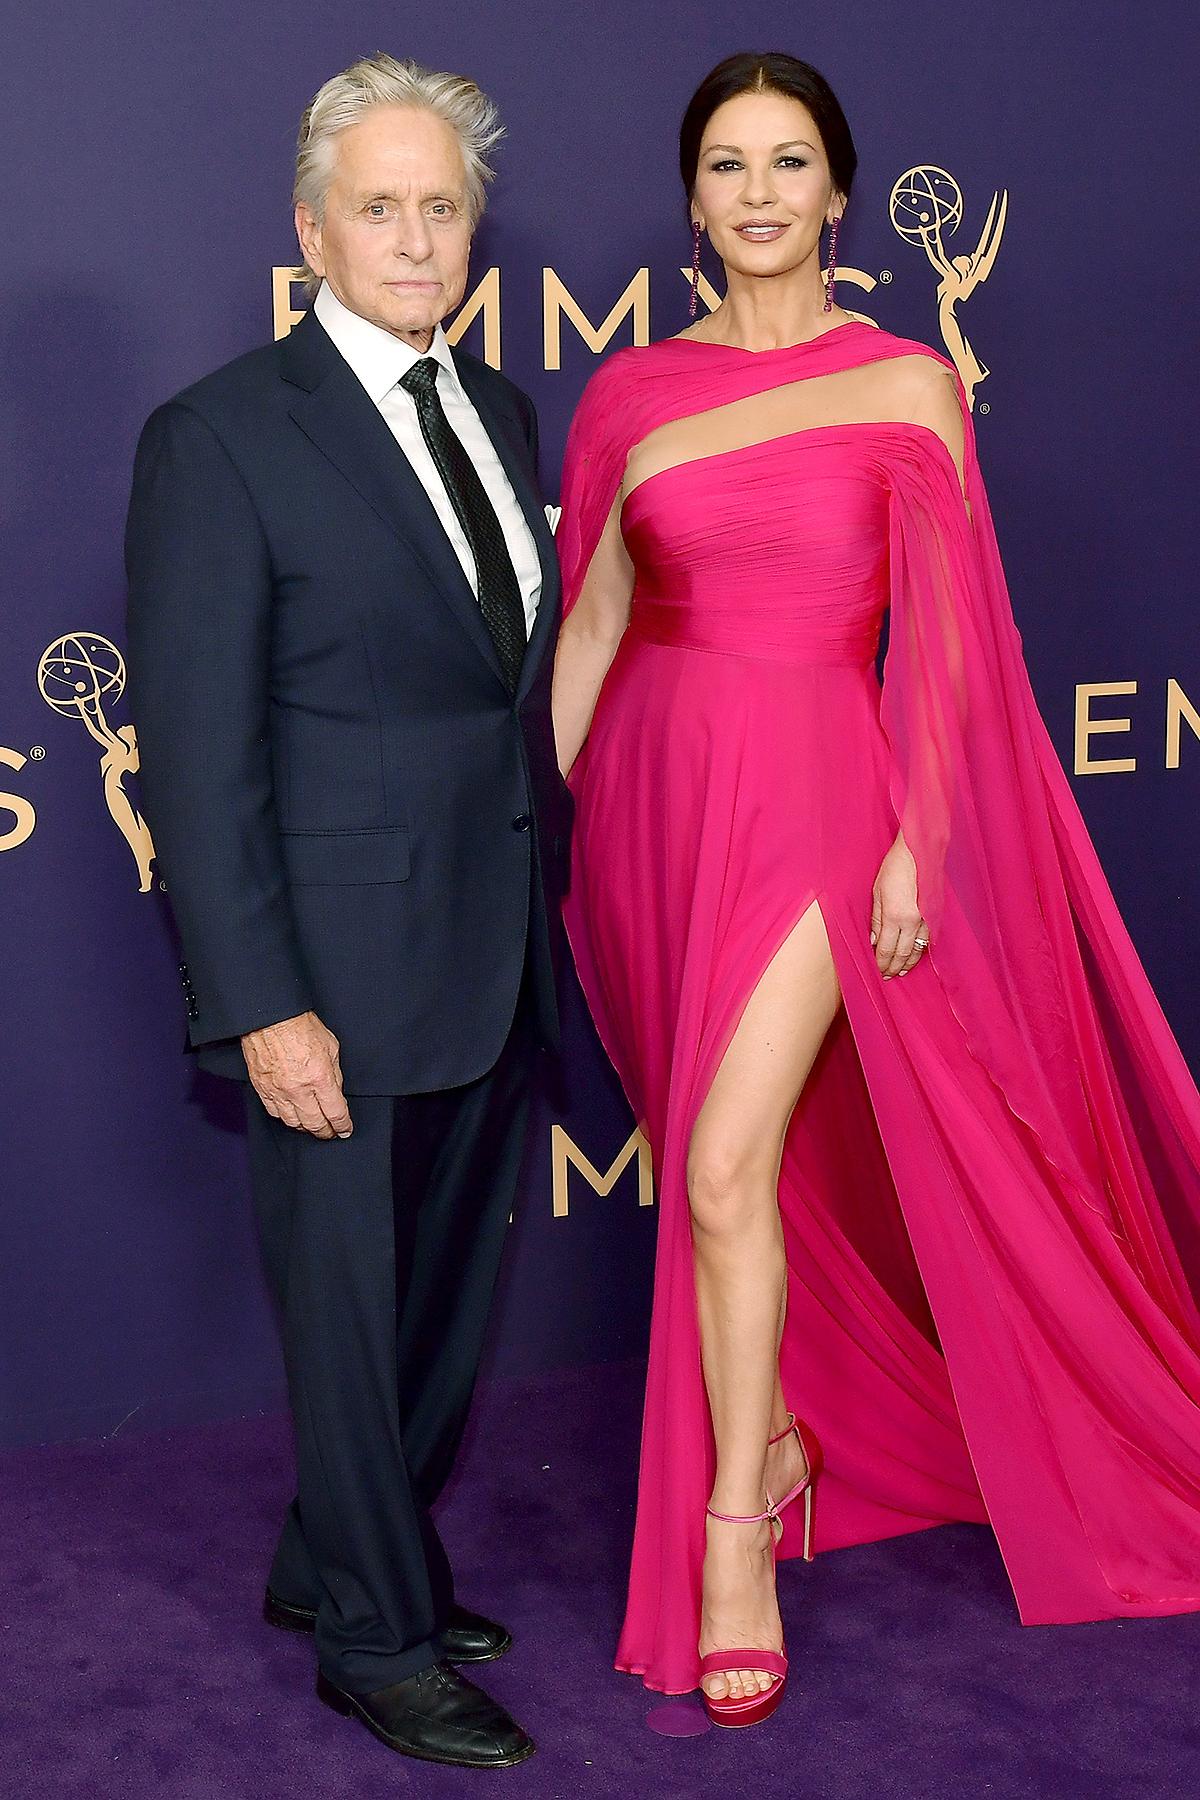 Michael Douglas (L) and Catherine Zeta-Jones